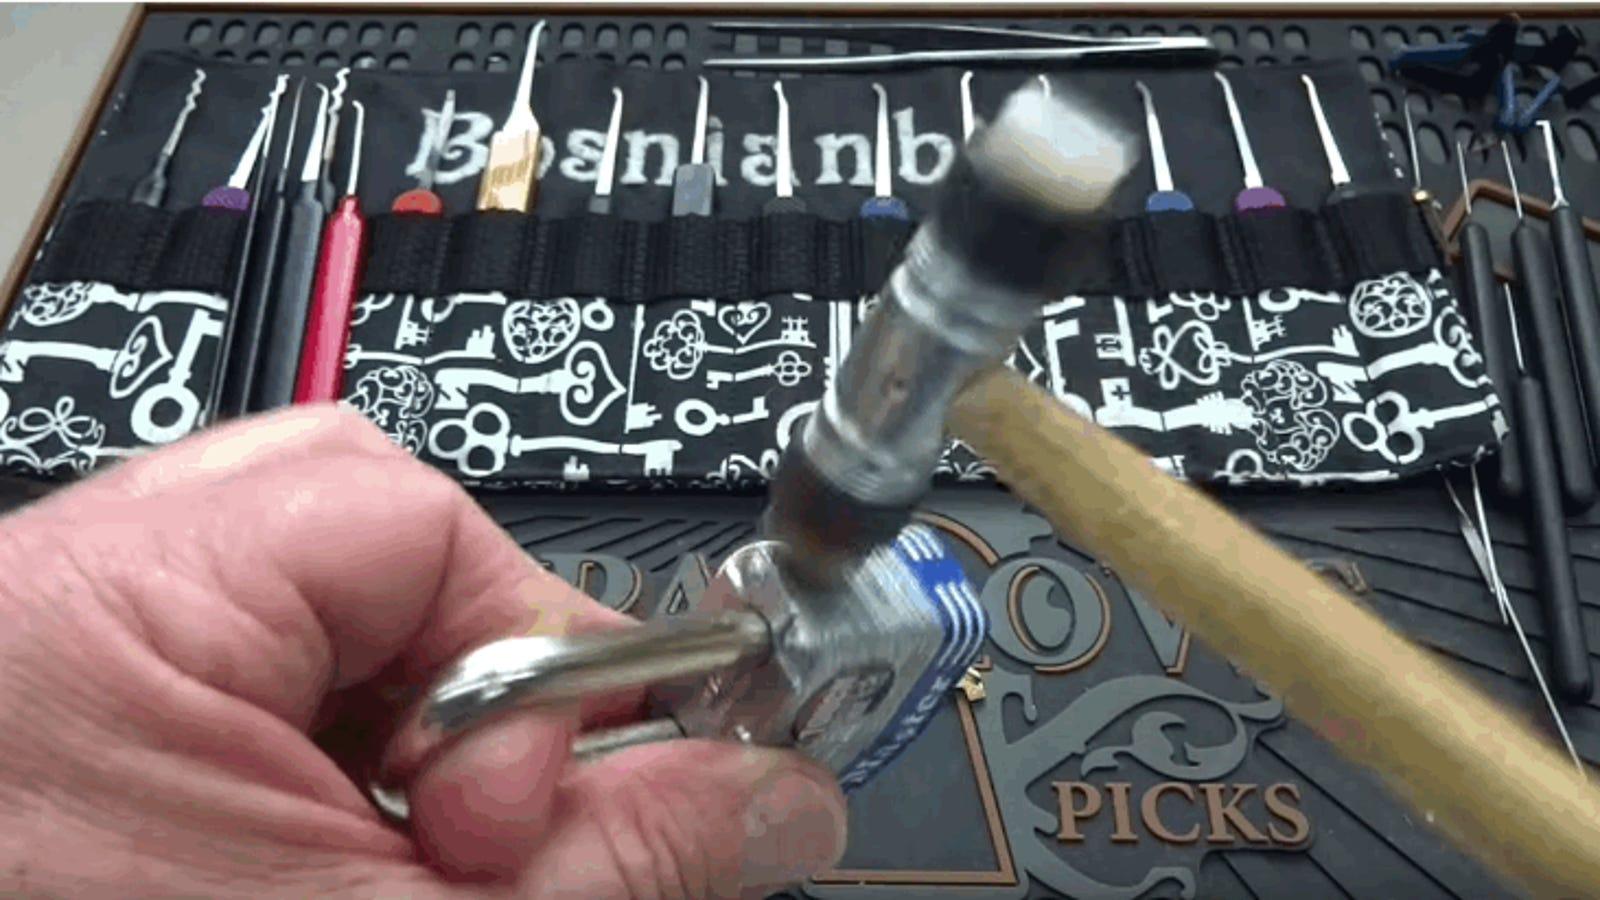 Cómo abrir un candado Master Lock en segundos con solo unos golpecitos